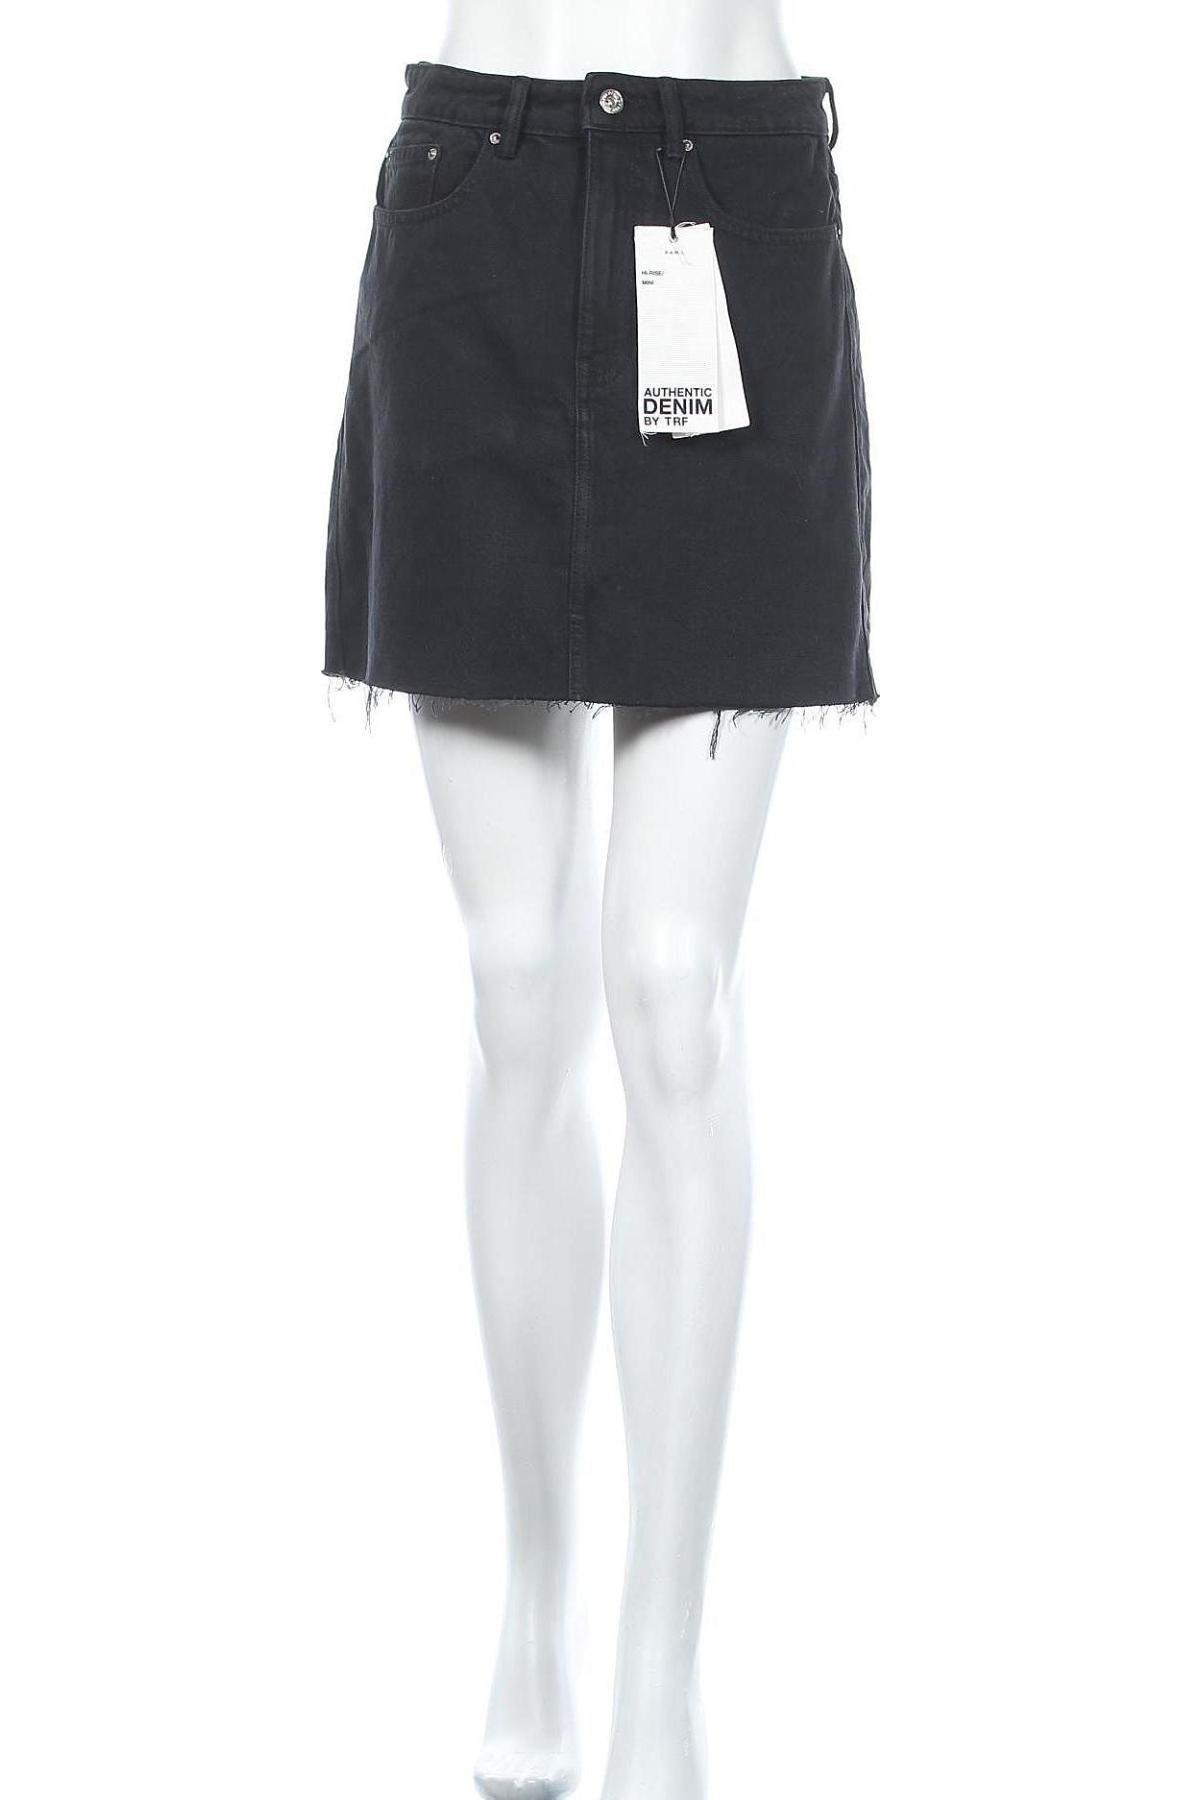 Φούστα Zara Trafaluc, Μέγεθος M, Χρώμα Μαύρο, Βαμβάκι, Τιμή 18,95€